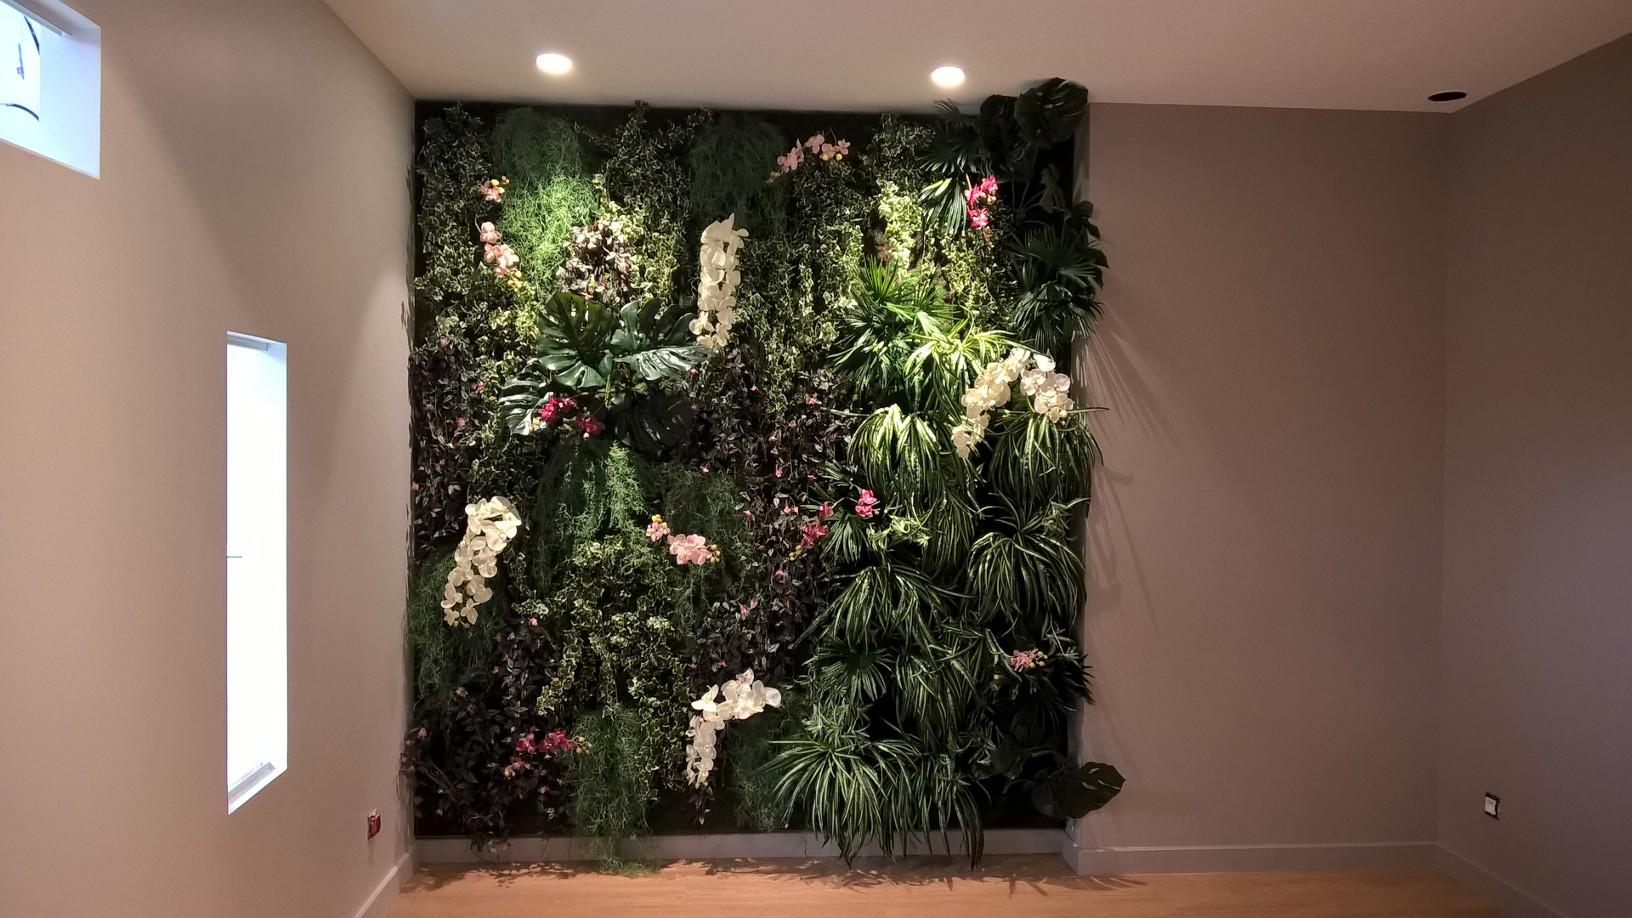 Plante Sur Les Murs leclerc - moulins - naturel design